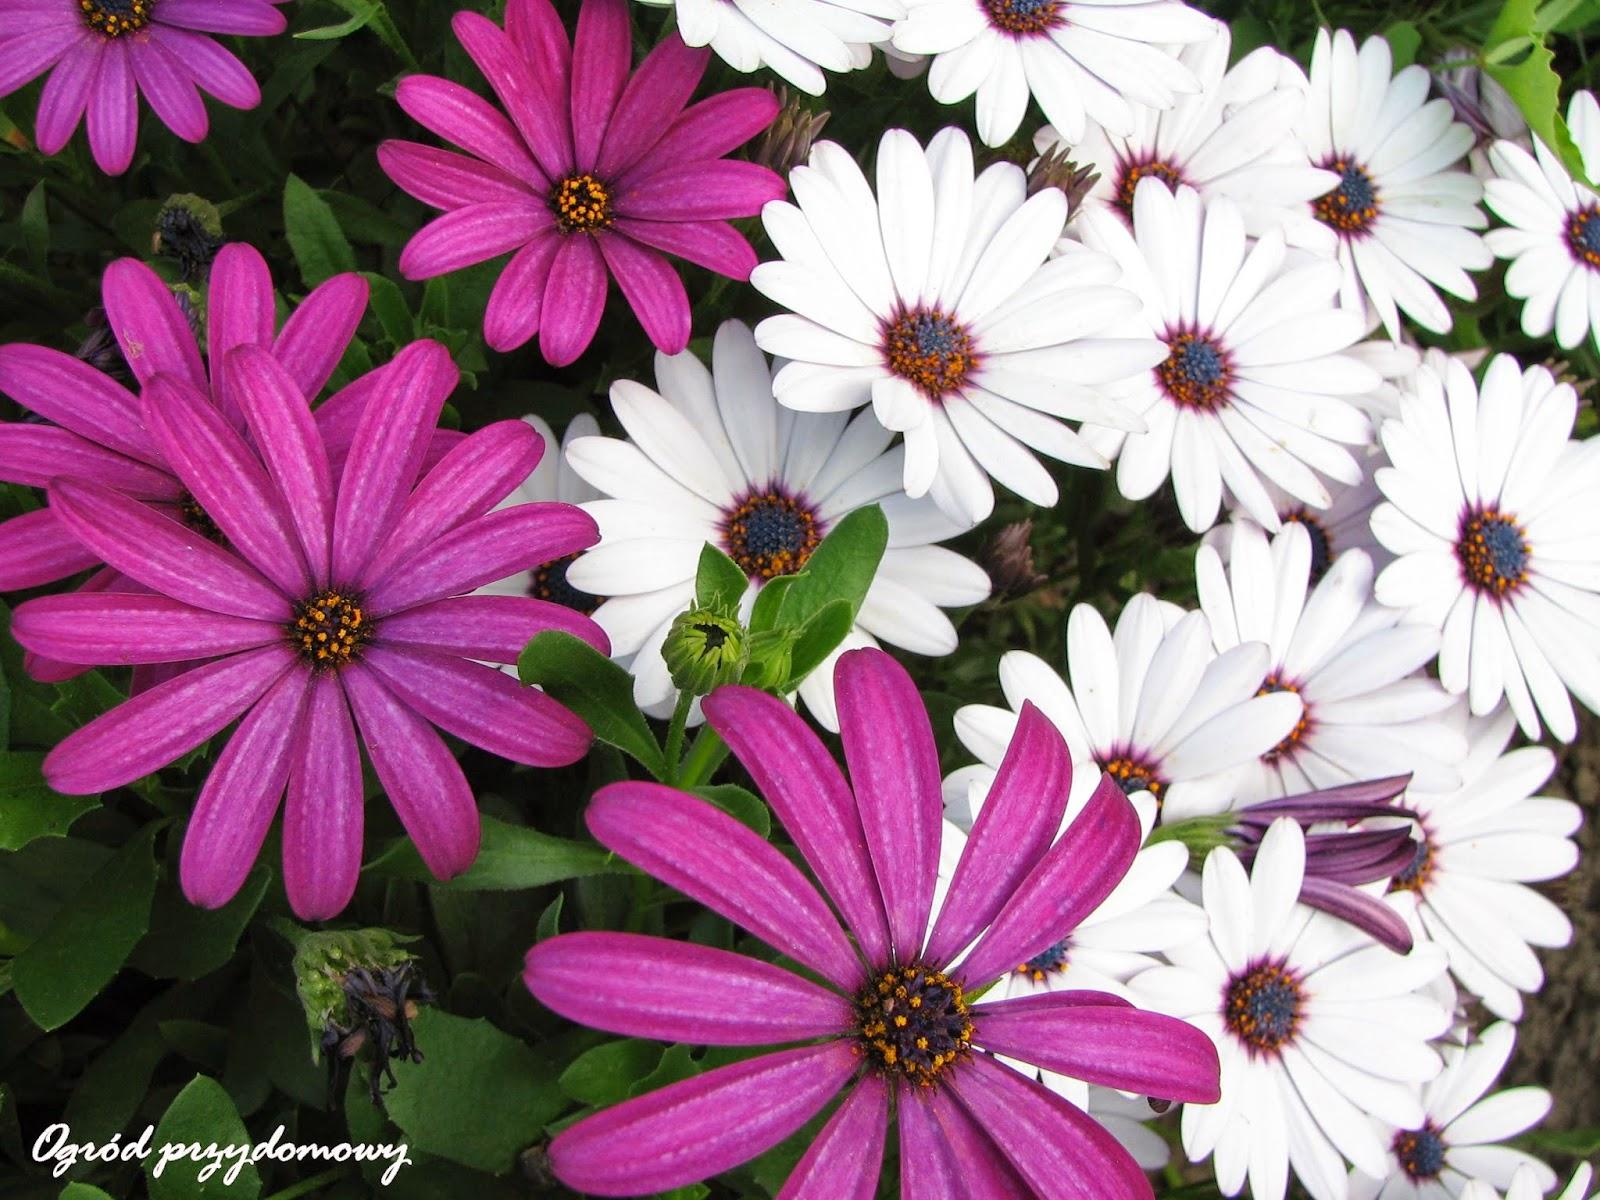 kwiaty w ogrodzie, rośliny w ogrodzie, kwiaty na działce, ogród przydomowy